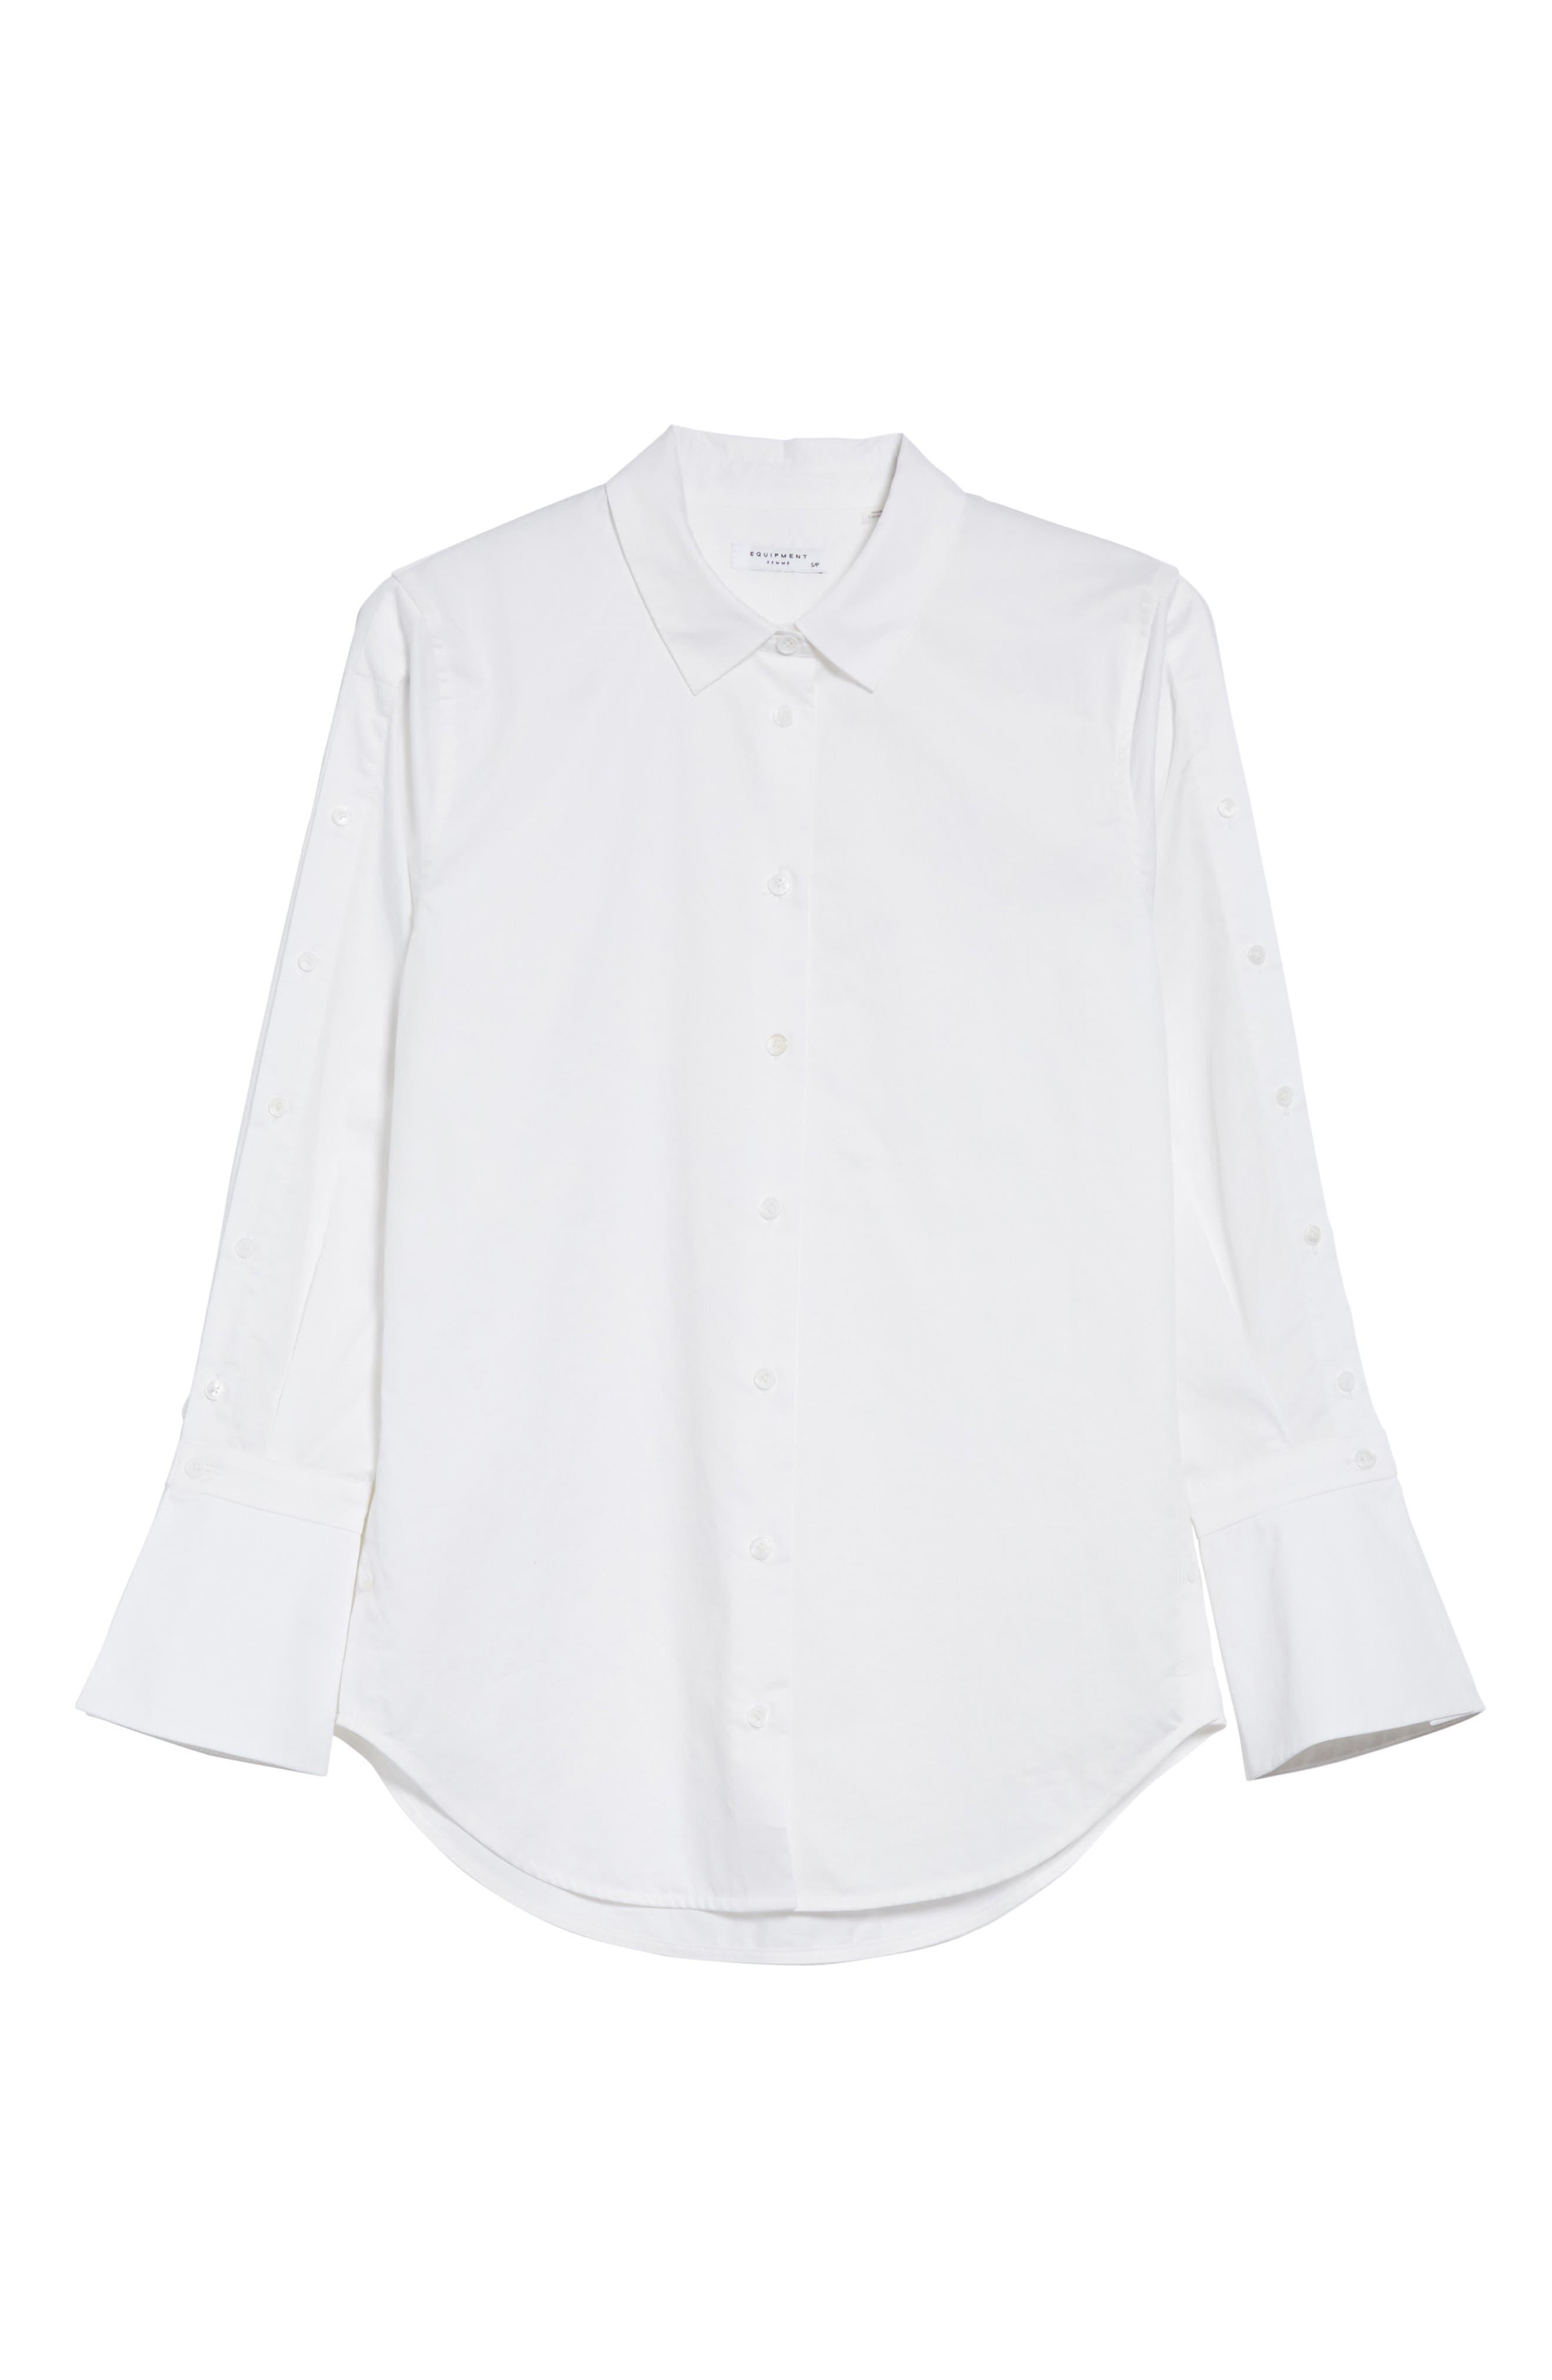 Rossi Button Detail Cotton Shirt,                             Alternate thumbnail 6, color,                             111